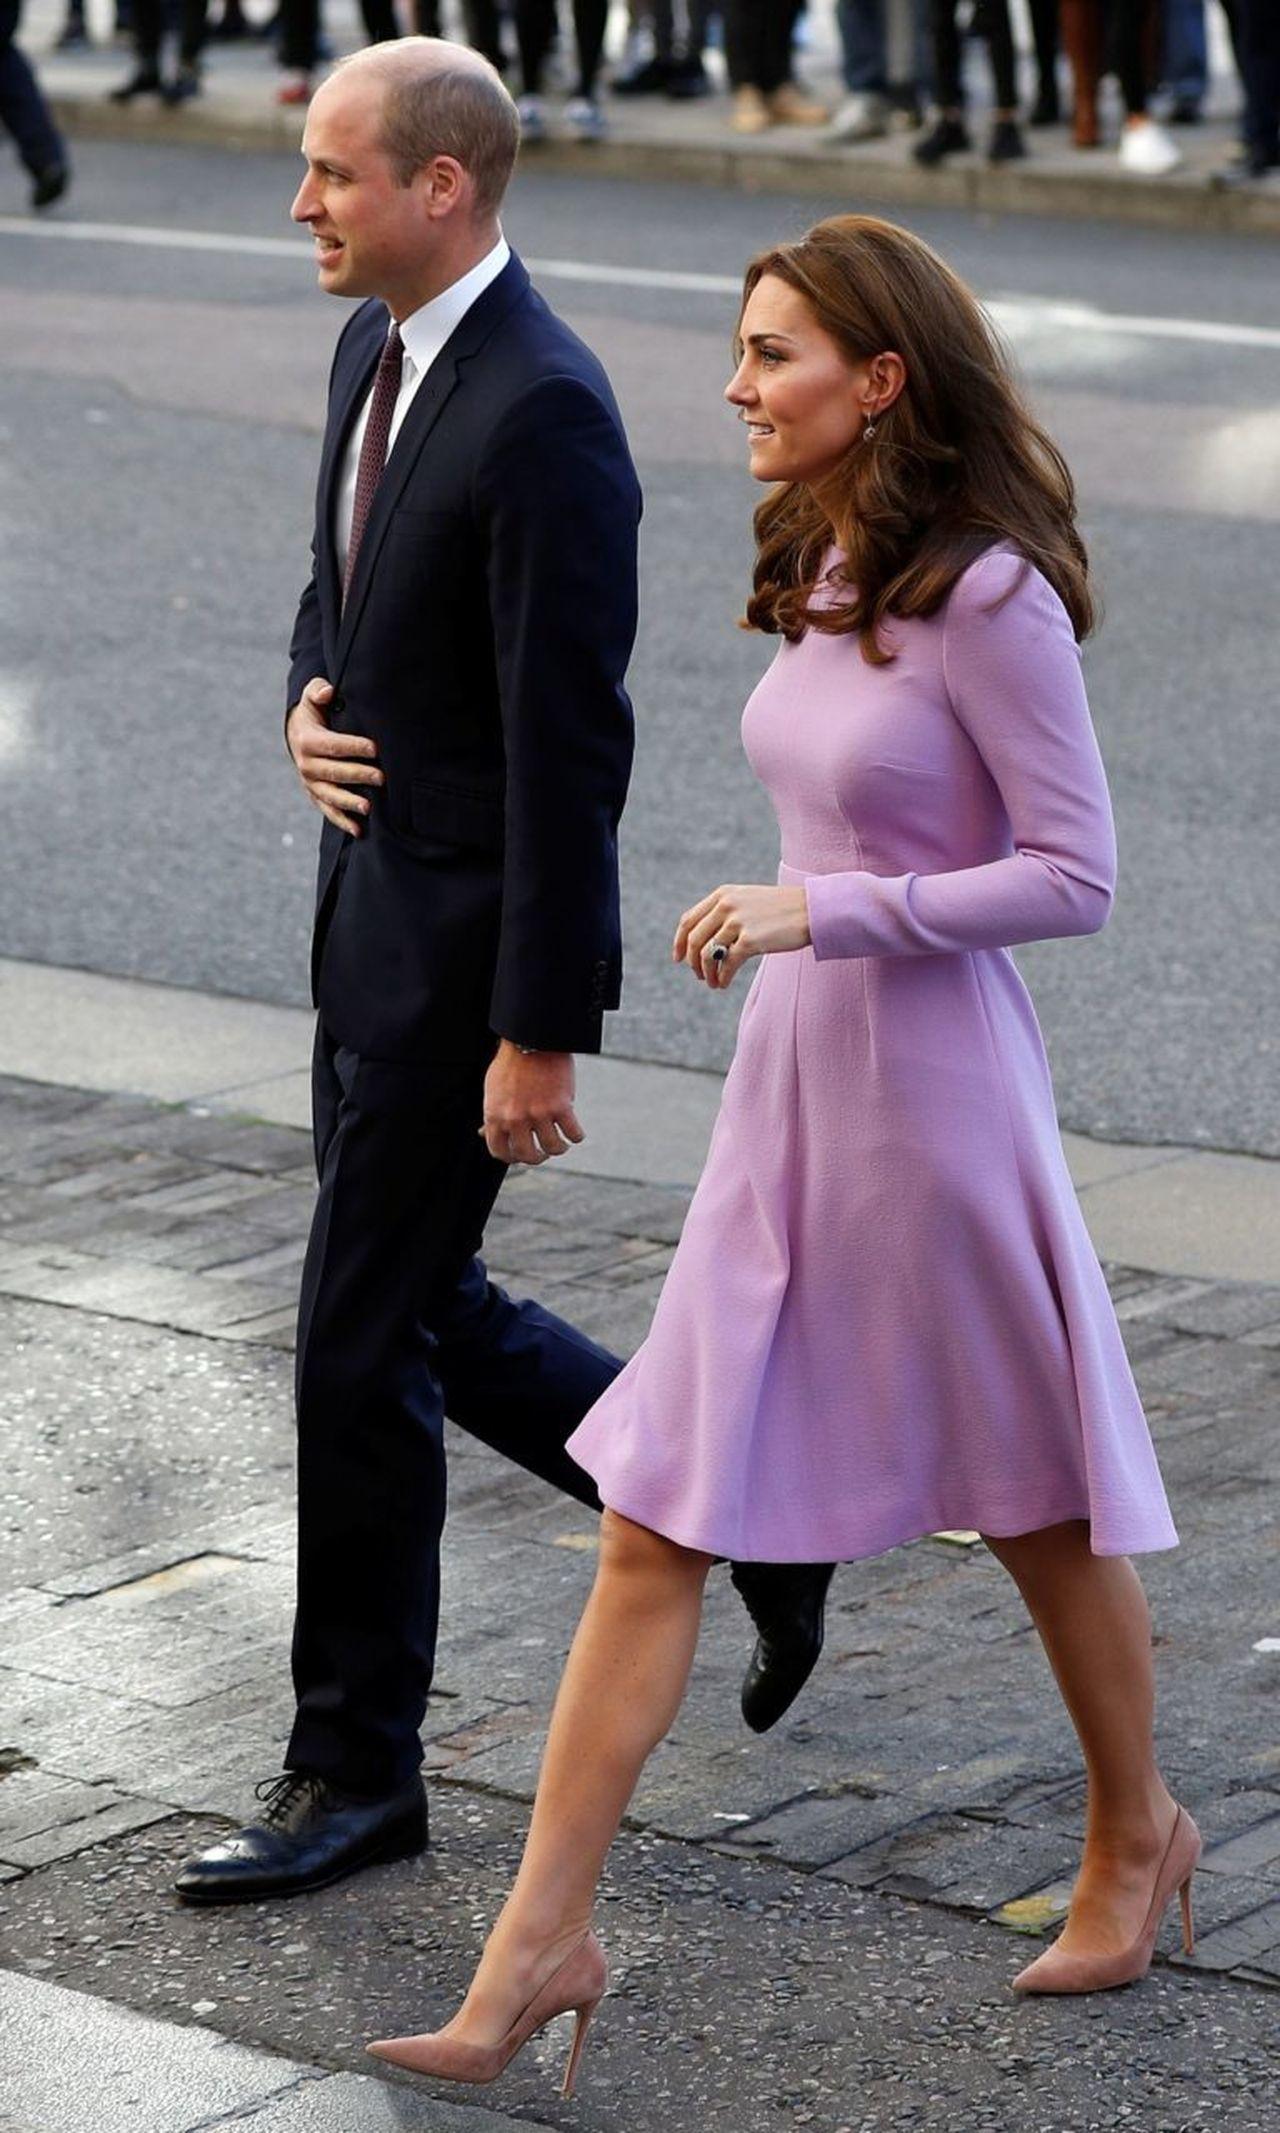 Książę William w garniturze i księżna Kate w liliowej sukience